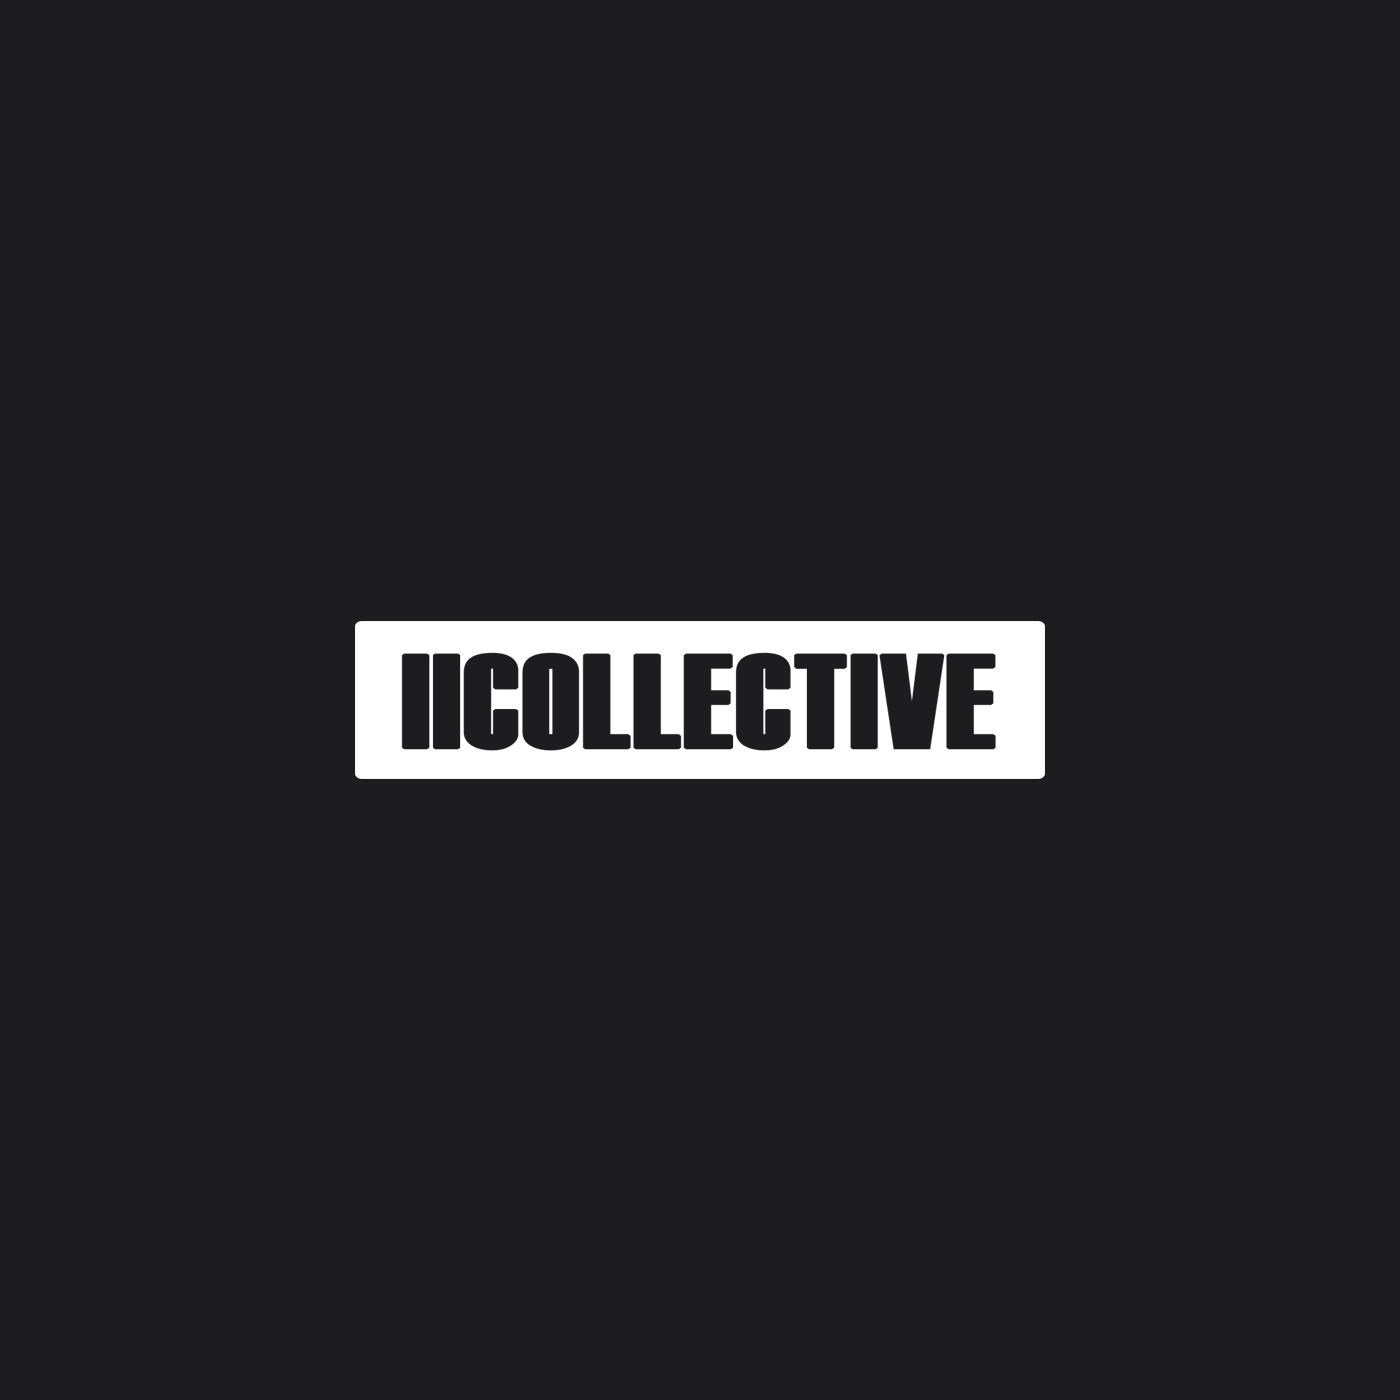 iiCollective